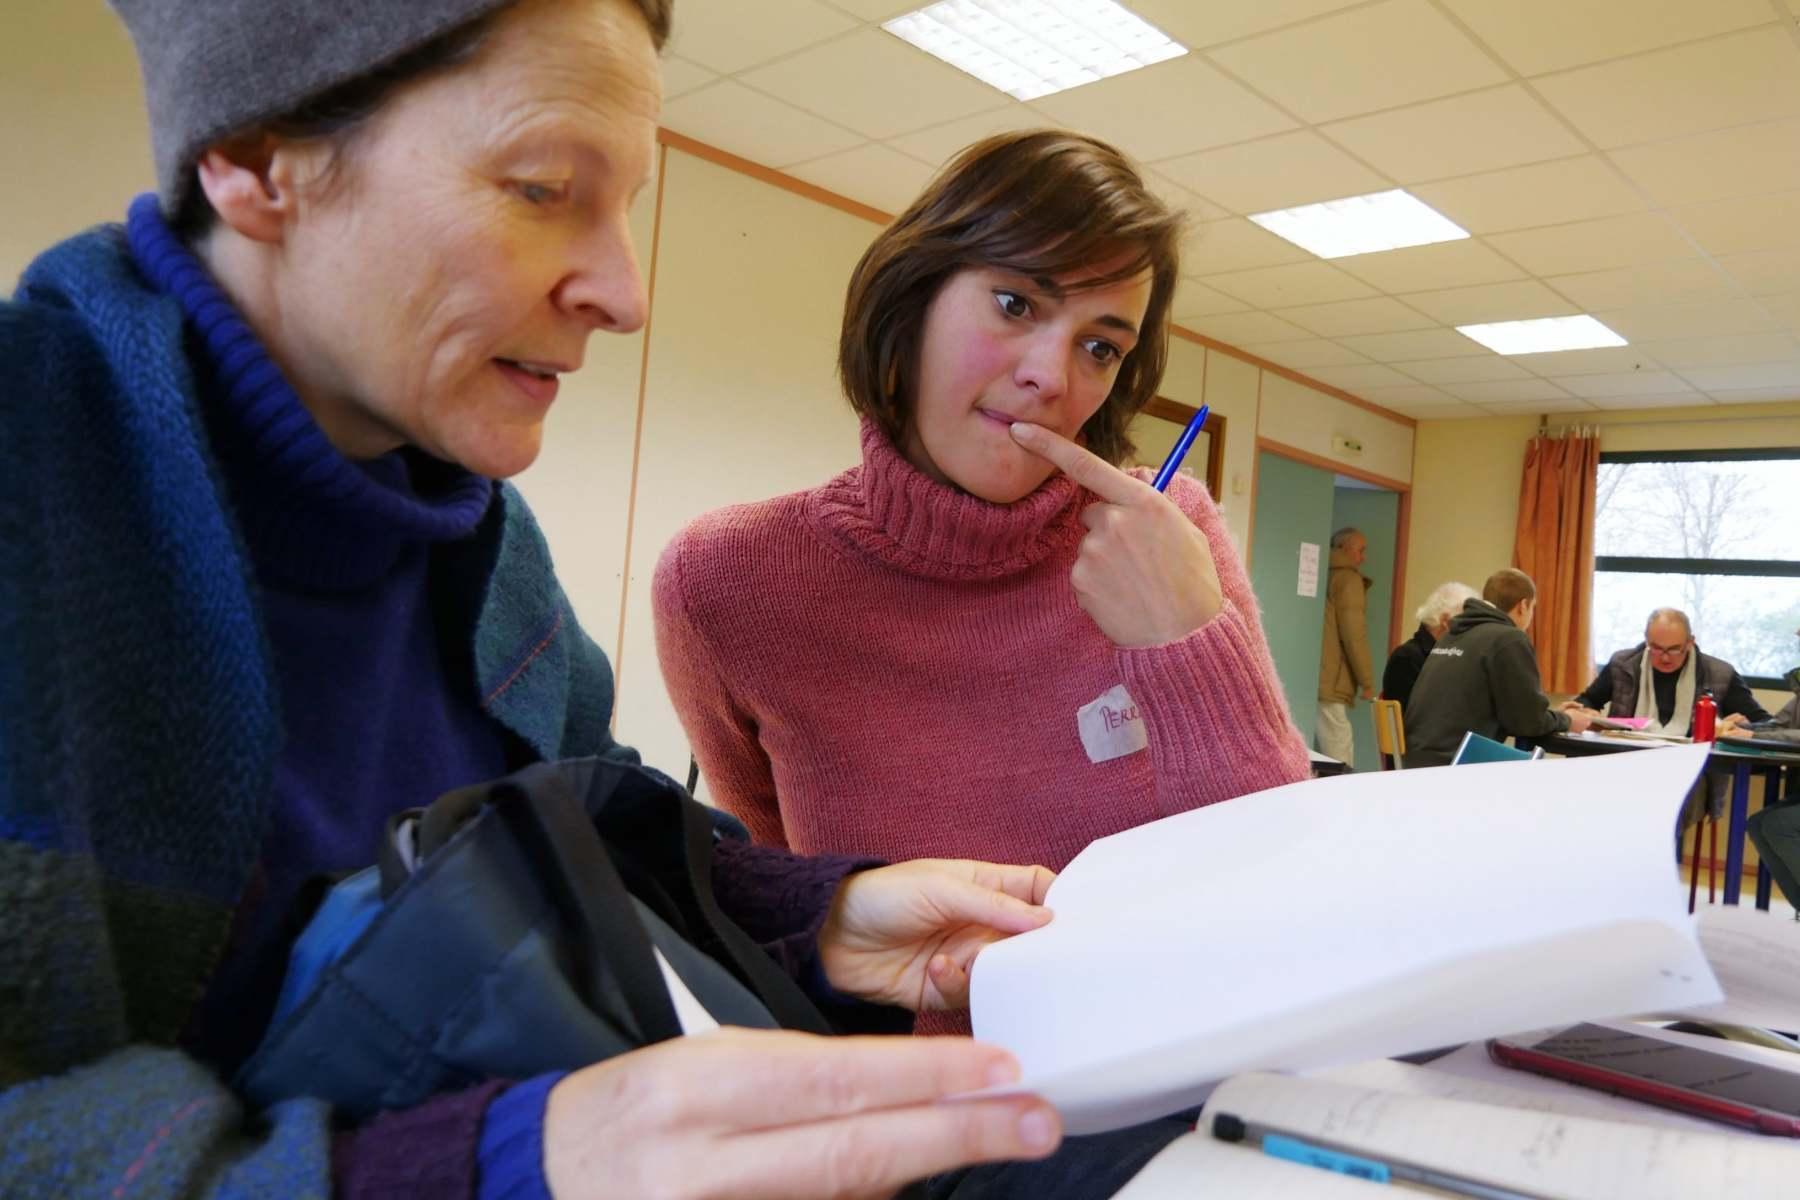 Cécile Renouard, copilote du projet de livre blanc et présidente du Campus de la Transition, vérifie un point du programme avec Perrine Vandecastele qui va animer la session avec Edouard.